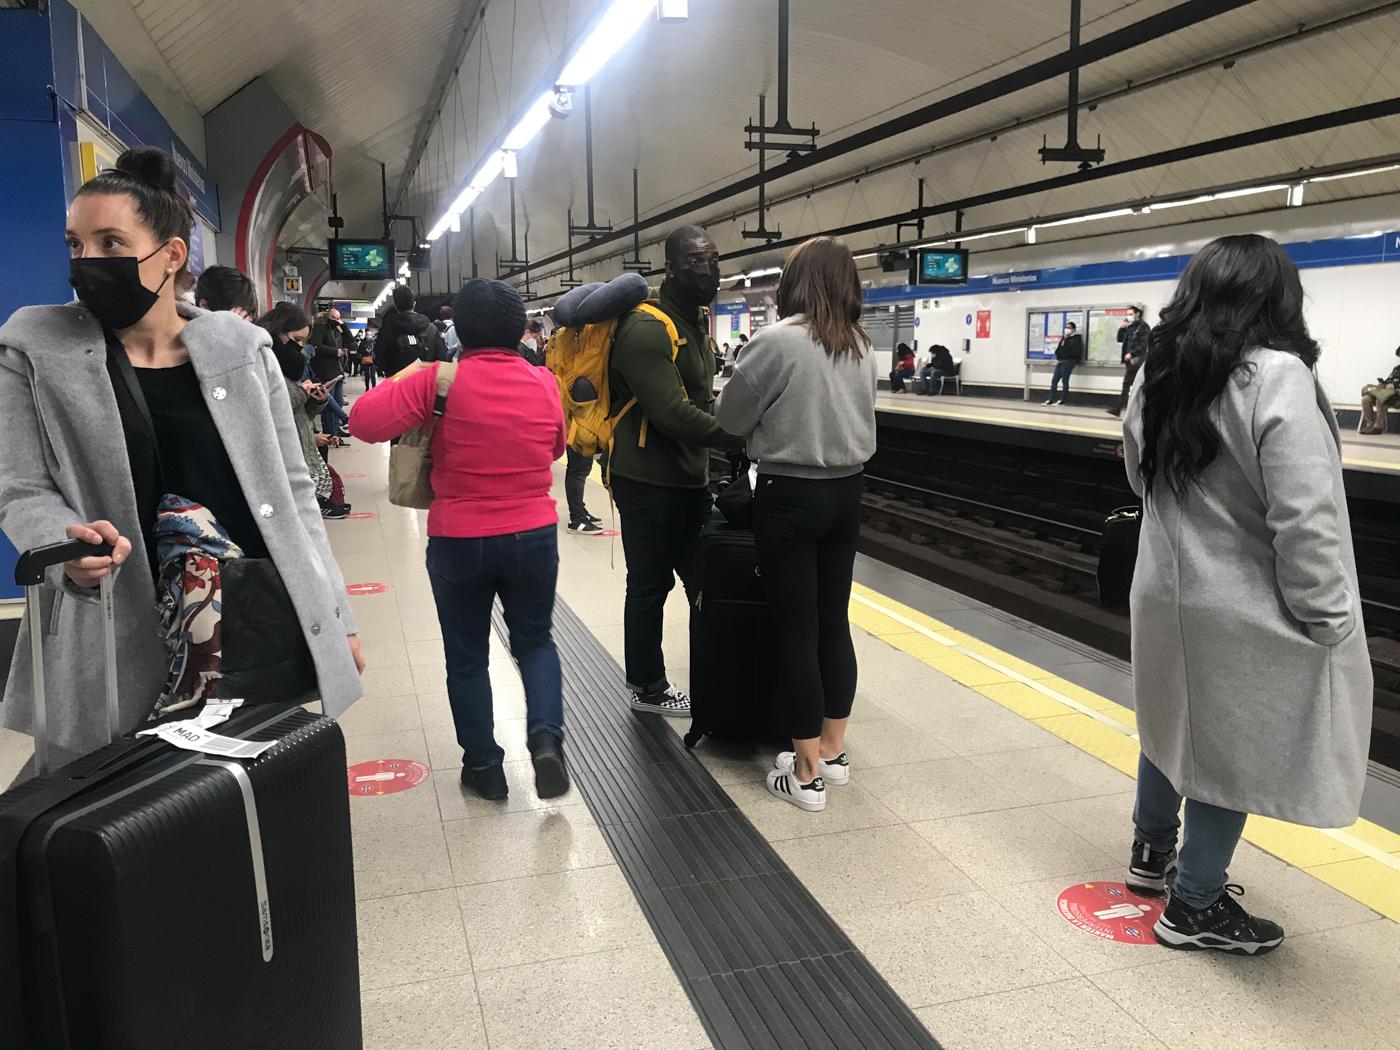 Madrid Metro, 14.30 during Covid